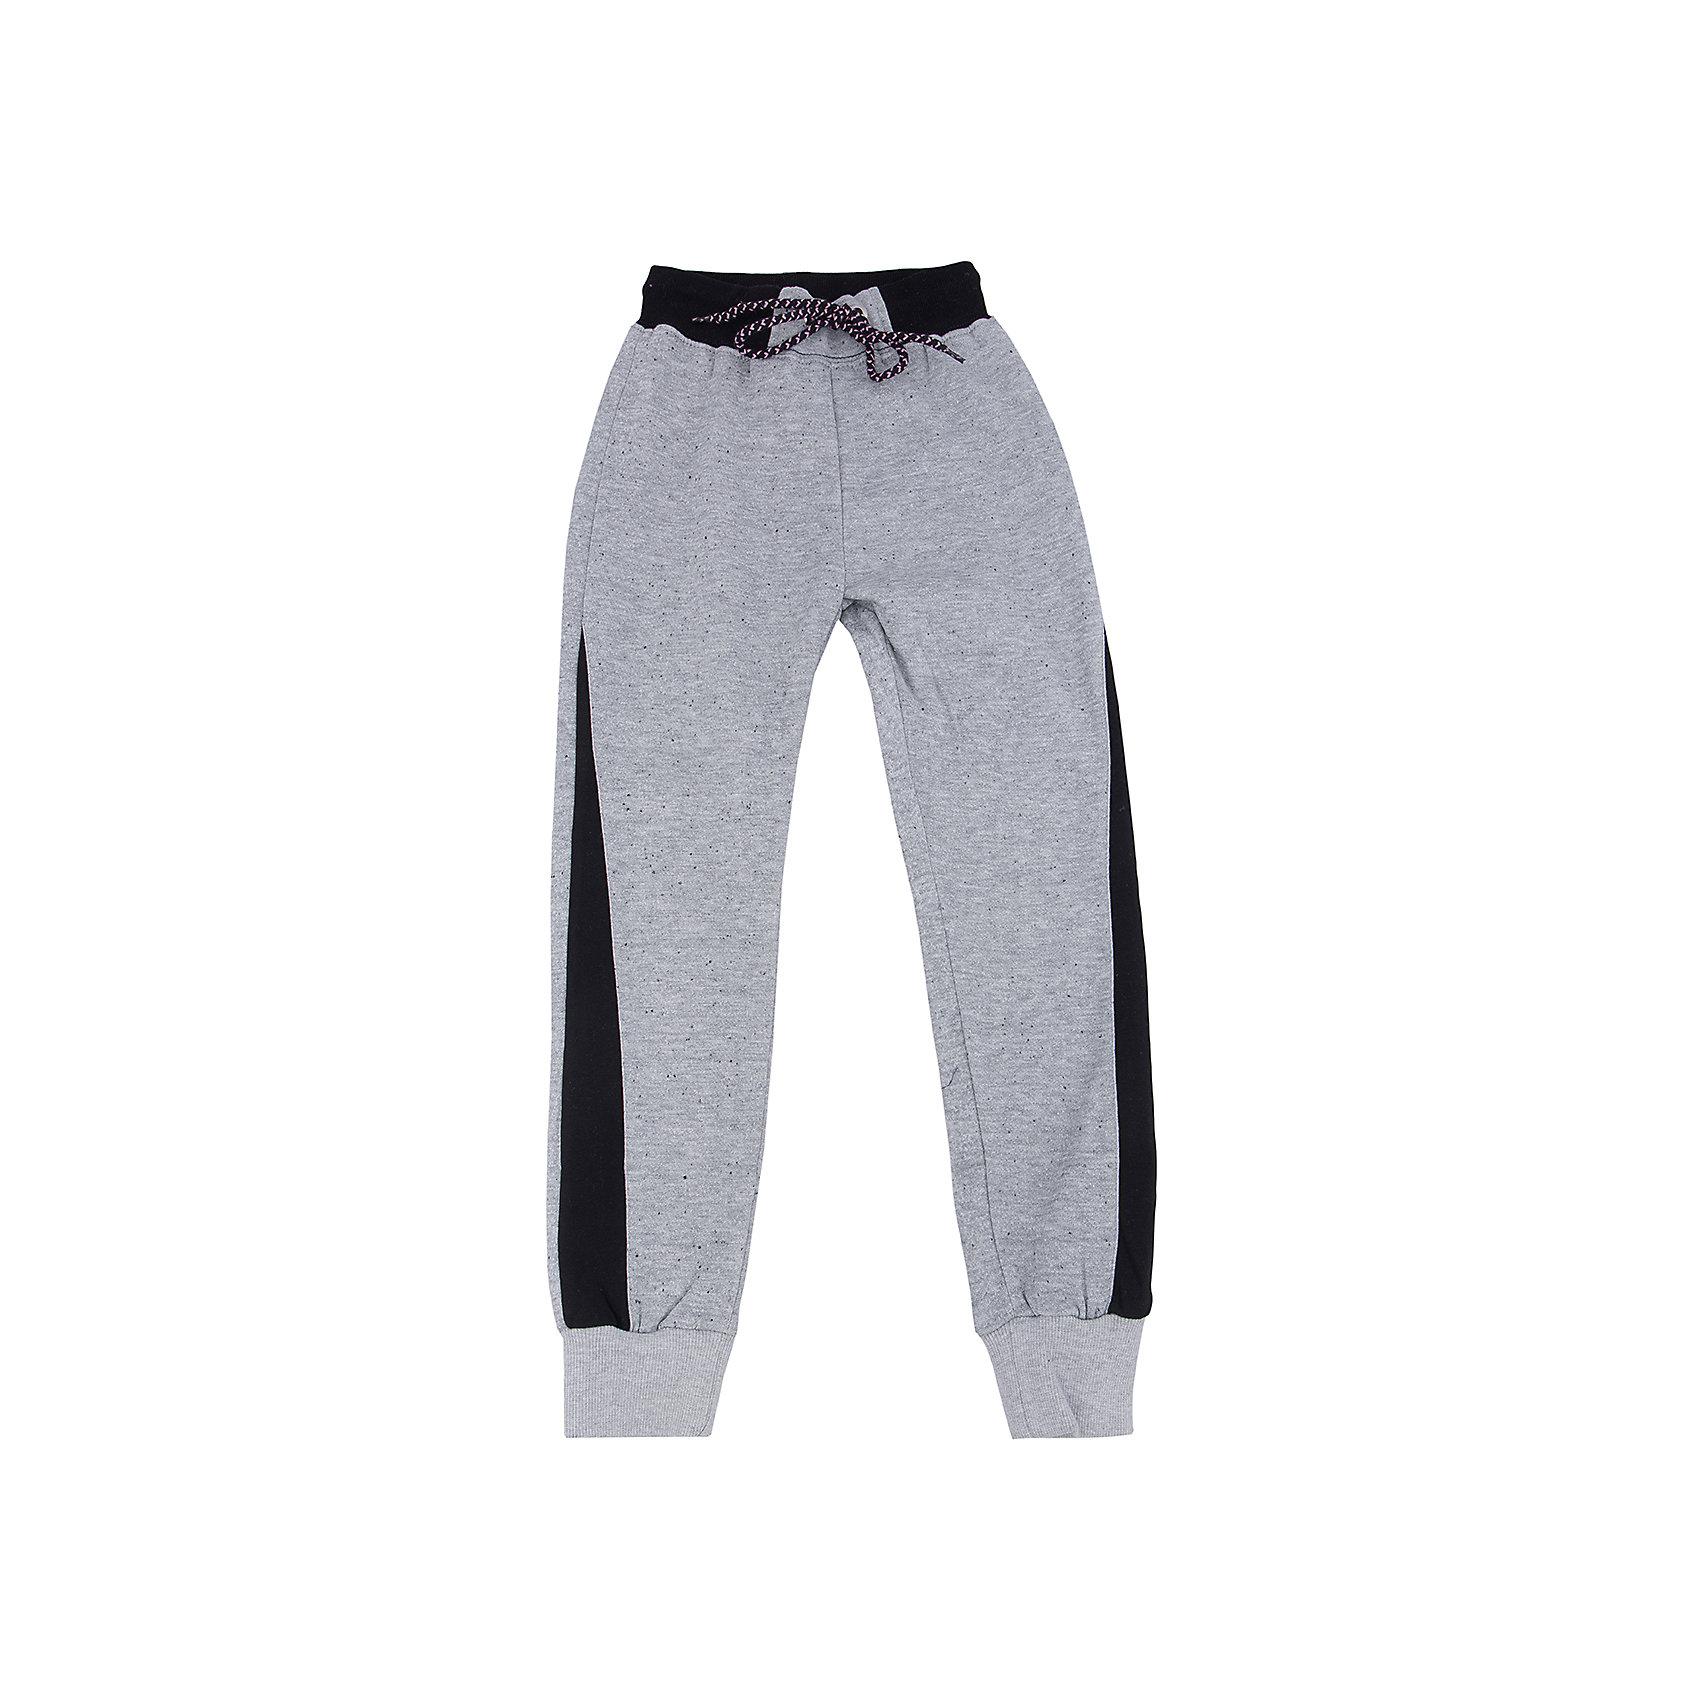 Брюки для девочки LuminosoХарактеристики товара:<br><br>- цвет: разноцветный;<br>- материал: 80% хлопок, 20% полиэстер;<br>- трикотаж;<br>- мягкая резинка и шнурок в поясе.<br><br>Стильная одежда от бренда Luminoso (Люминосо), созданная при участии итальянских дизайнеров, учитывает потребности подростков и последние веяния моды. Она удобная и модная.<br>Эти стильные спортивные брюки отлично впишутся в гардероб девочки. Они хорошо сидят на ребенке, обеспечивают комфорт и отлично сочетаются с одежной разных стилей. Модель отличается высоким качеством материала и продуманным дизайном. Натуральный хлопок в составе изделия делает его дышащим, приятным на ощупь и гипоаллергеным.<br><br>Брюки для девочки от бренда Luminoso (Люминосо) можно купить в нашем интернет-магазине.<br><br>Ширина мм: 215<br>Глубина мм: 88<br>Высота мм: 191<br>Вес г: 336<br>Цвет: серый<br>Возраст от месяцев: 156<br>Возраст до месяцев: 168<br>Пол: Женский<br>Возраст: Детский<br>Размер: 164,134,158,152,146,140<br>SKU: 4929640